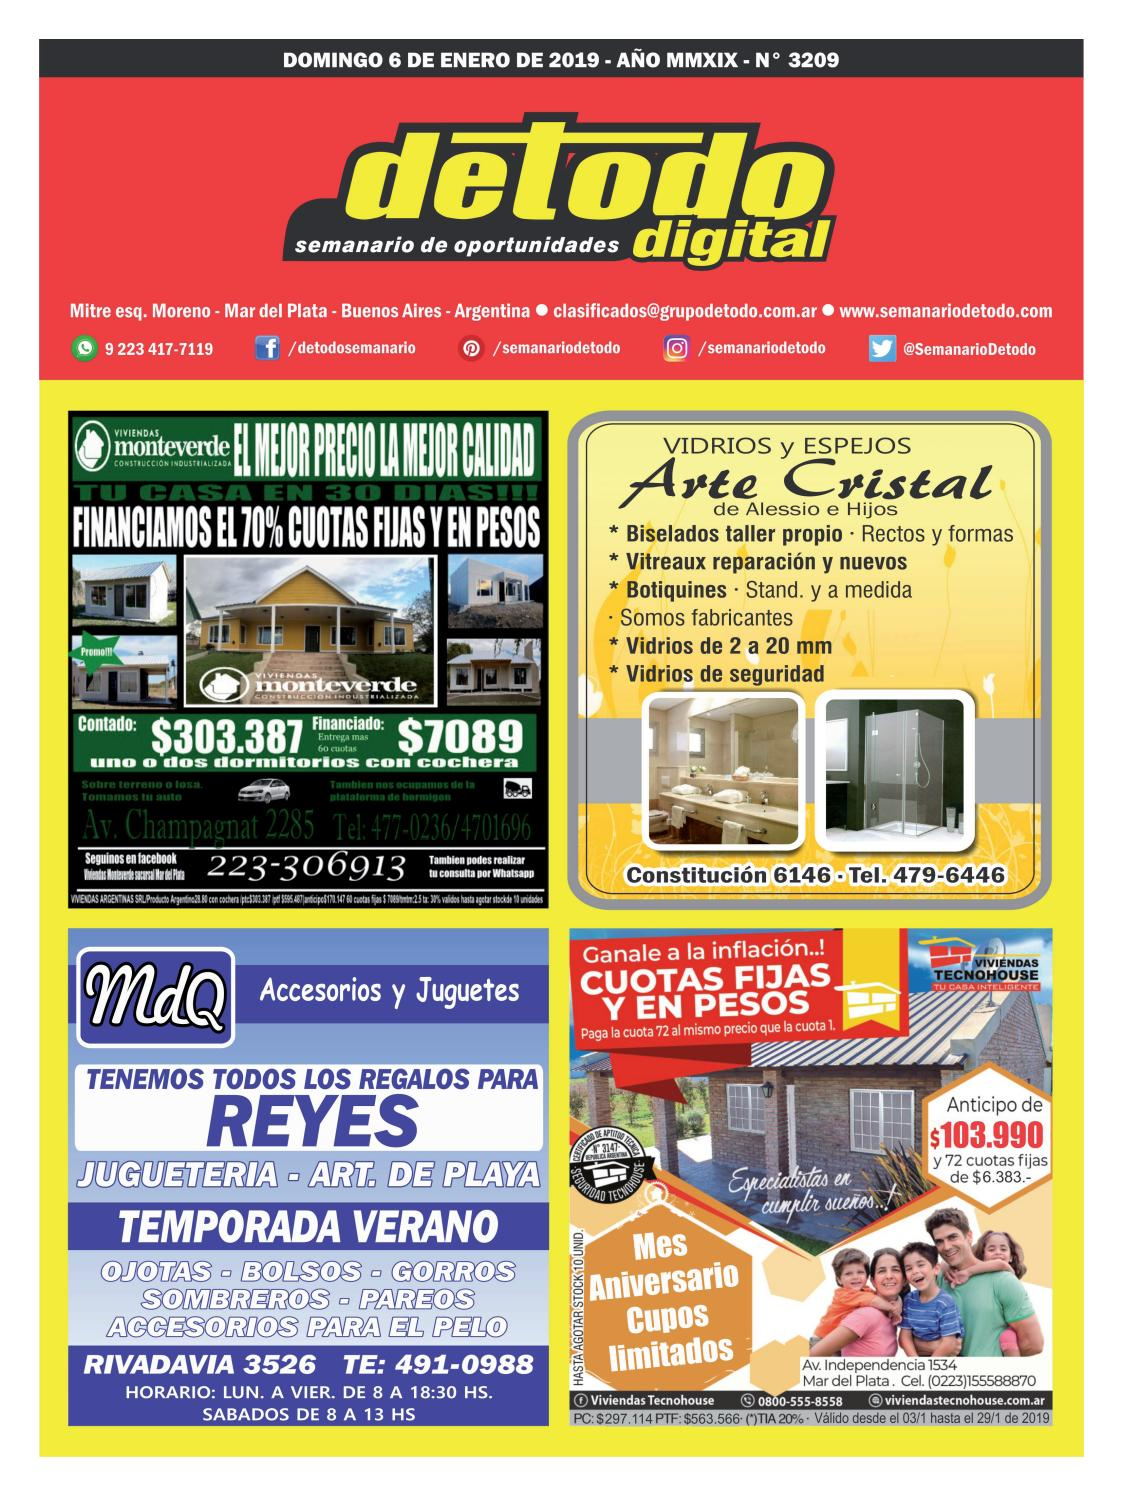 3d9b7538 Semanario Detodo - Edición N° 3209 - 06/01/2019 by Semanario Detodo - issuu